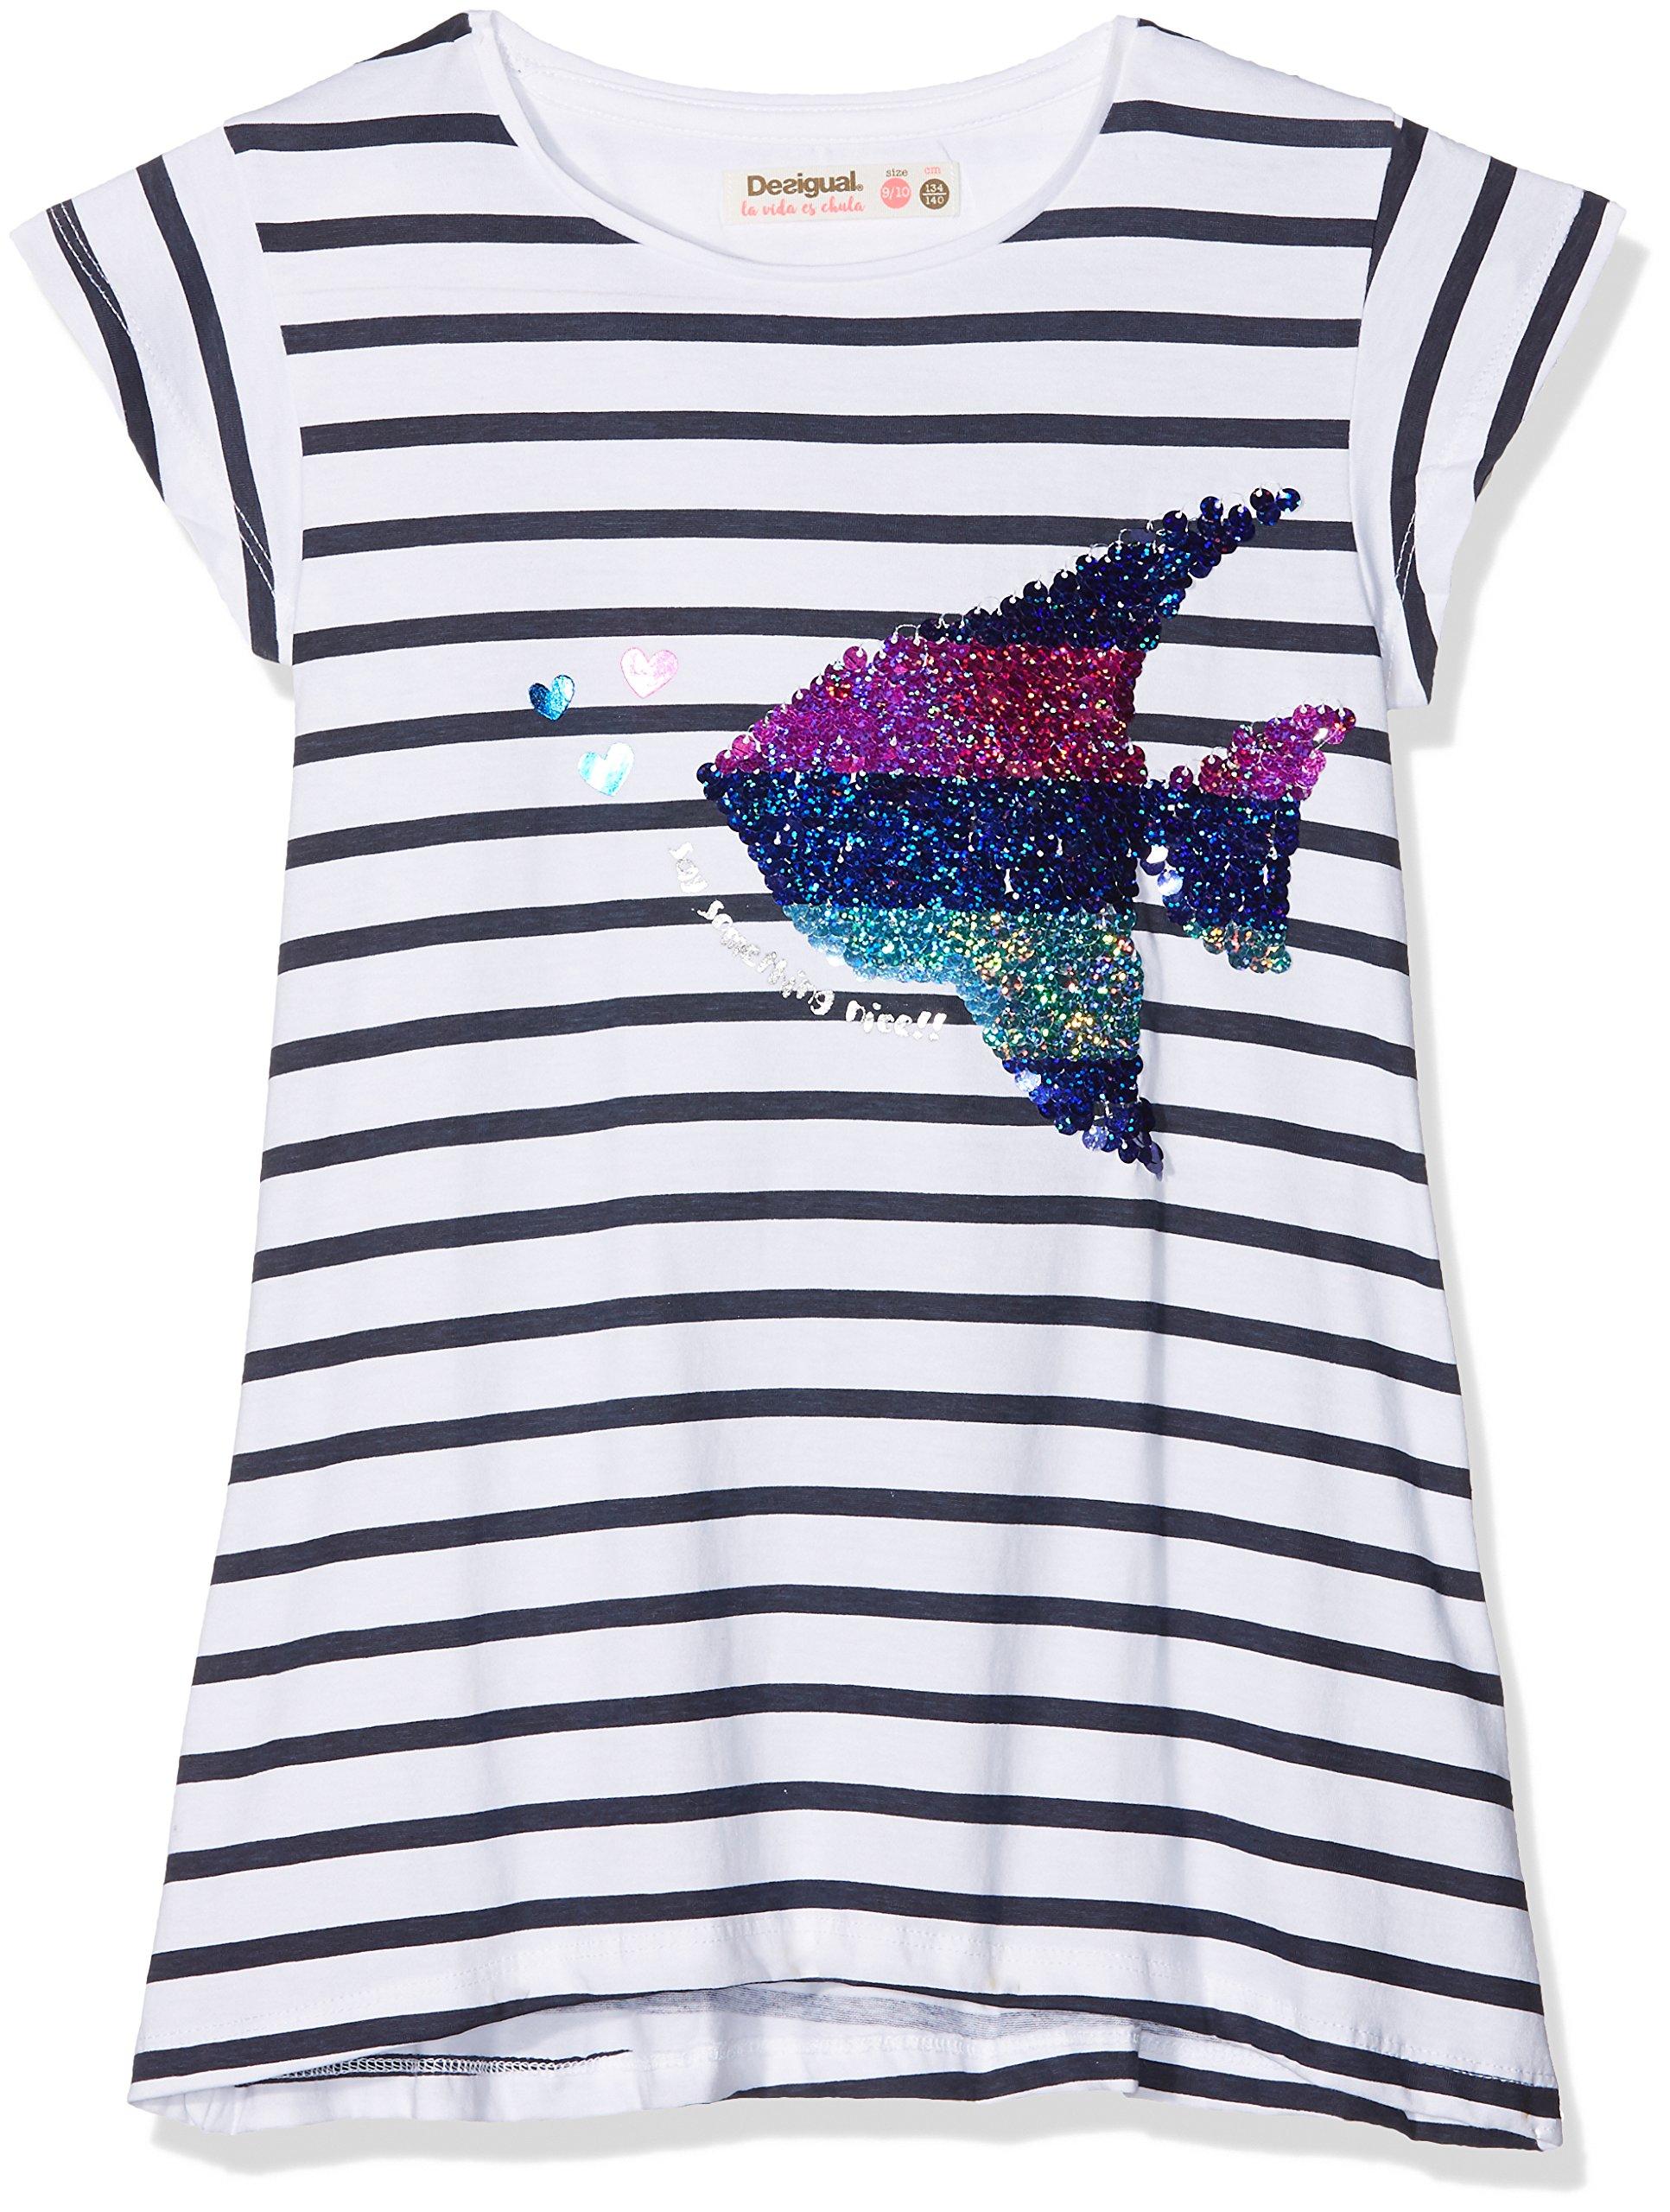 Desigual TS_Saskatchewan Camiseta de Manga Larga para Niñas